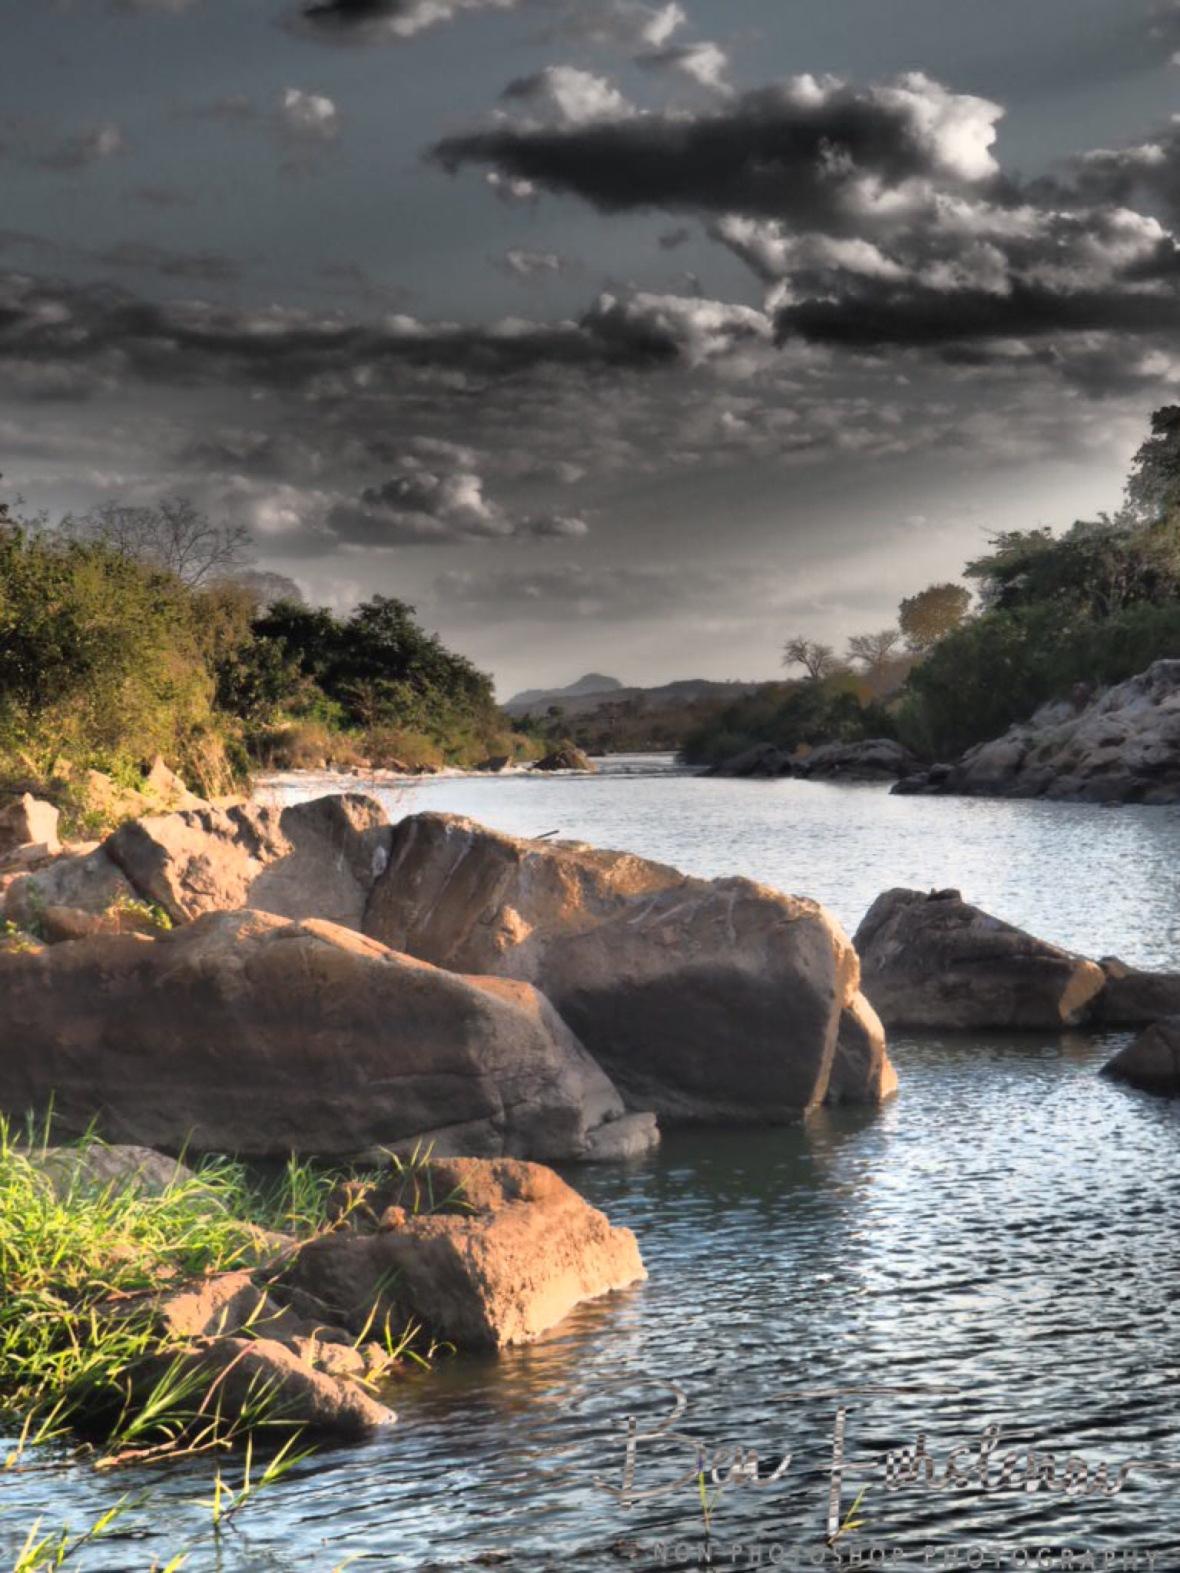 Tedzani waterfalls disappeared by hydro/ electro plant, Mwanza Region, Malawi